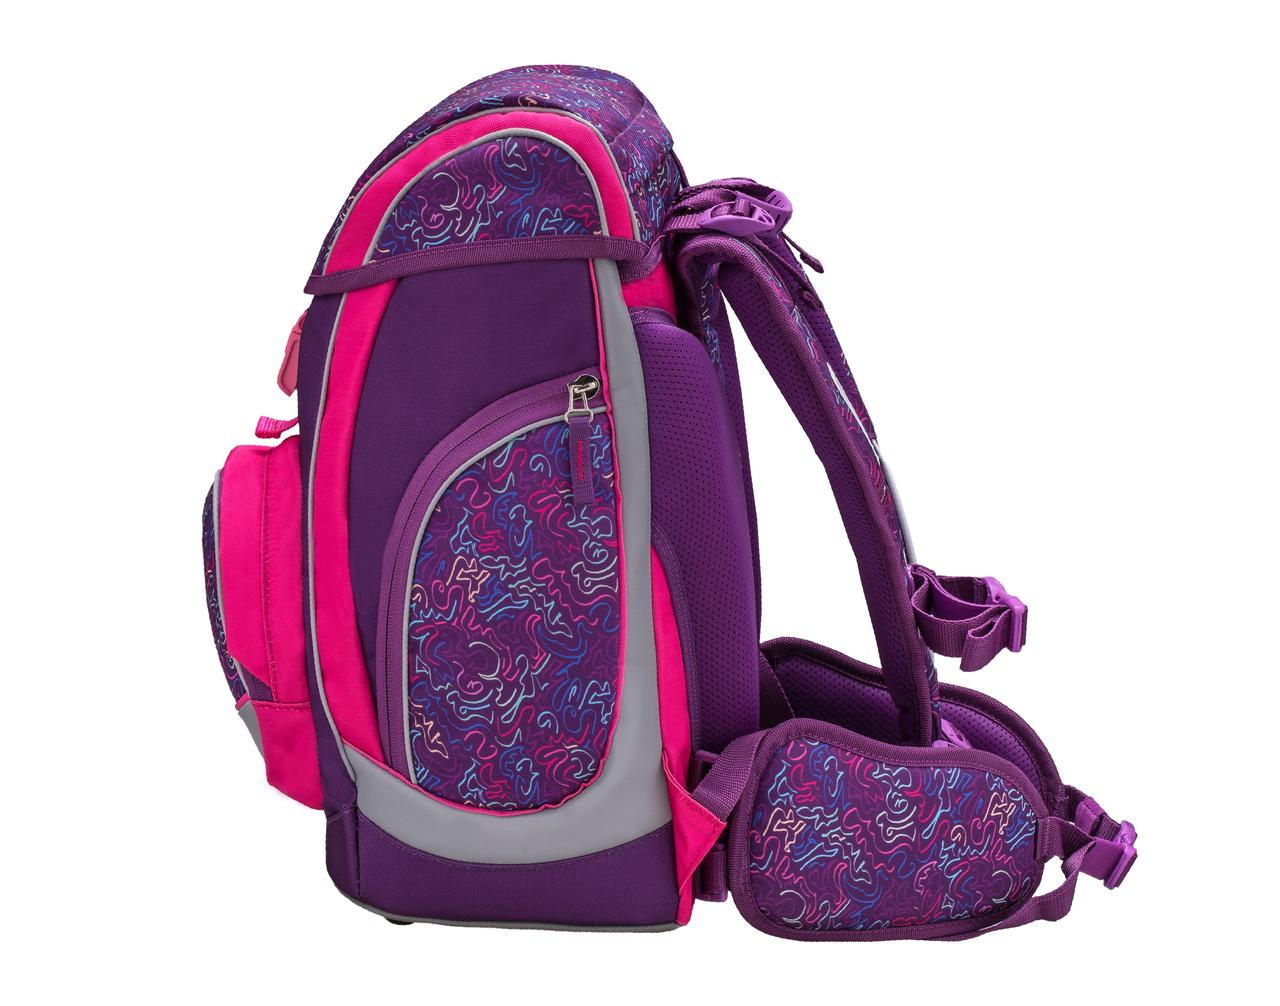 Ранец-рюкзак Belmil Comfy Pack 405-11/684 цвет Pop Art + дождевик, - фото 3